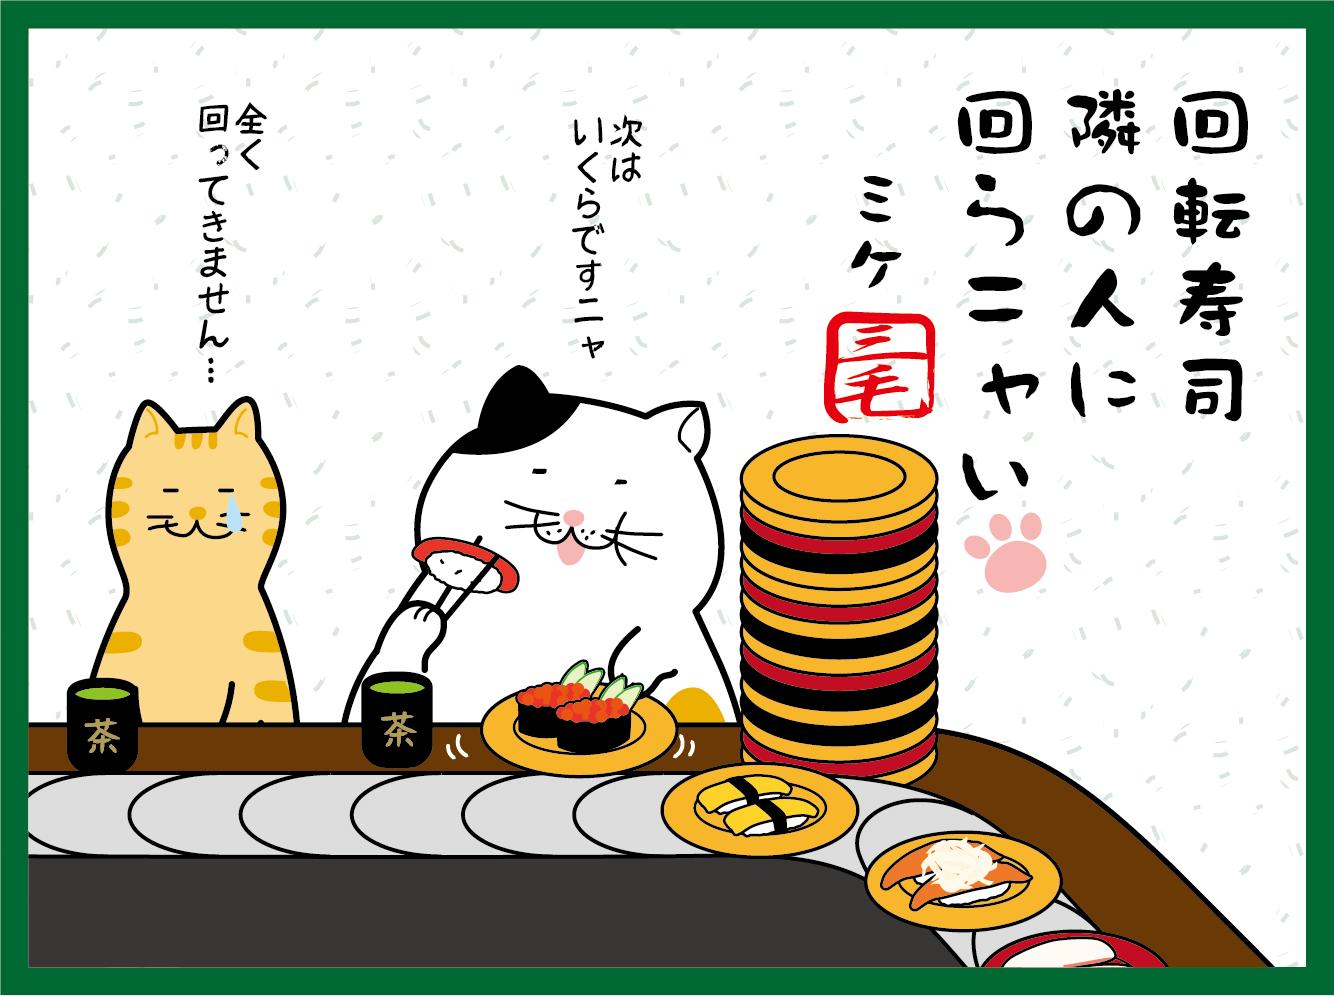 回転寿司 隣の人に 回らニャい【でぶねこ川柳:受賞作品】